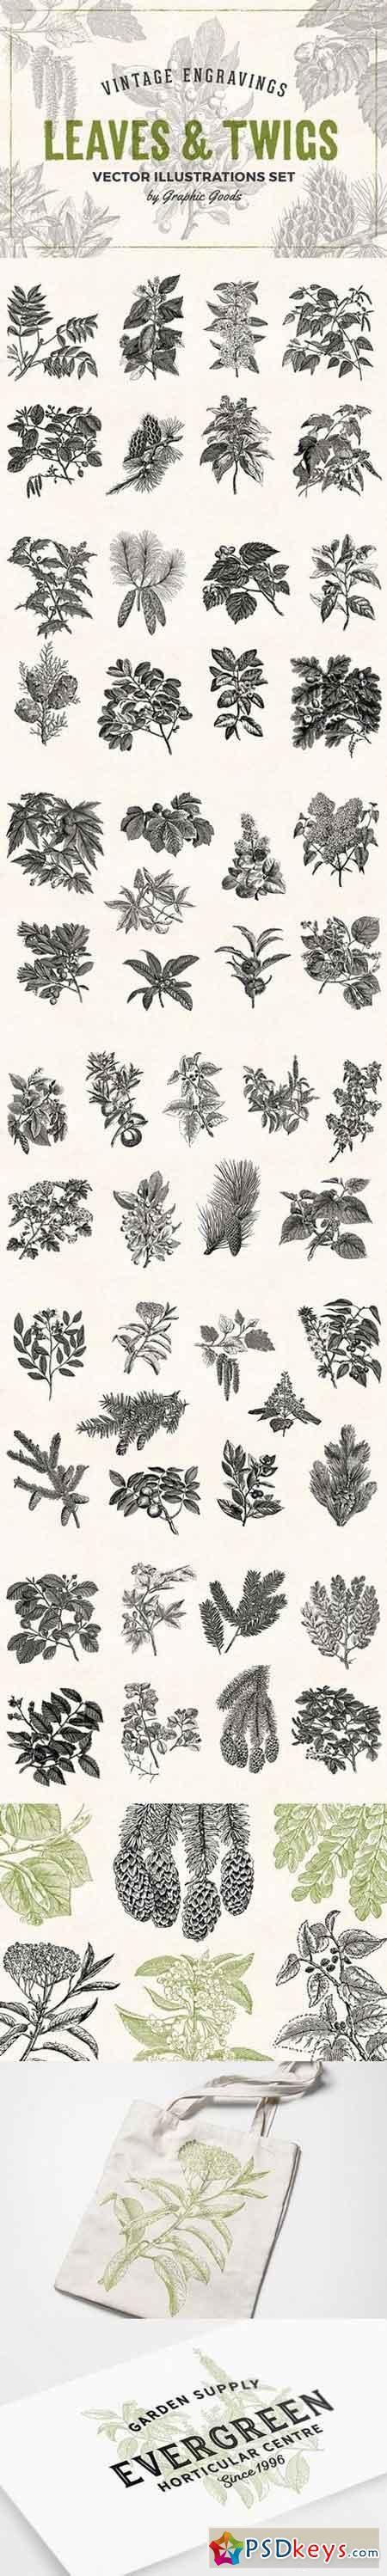 Leaves & Twigs Vintage Illustrations 1633688